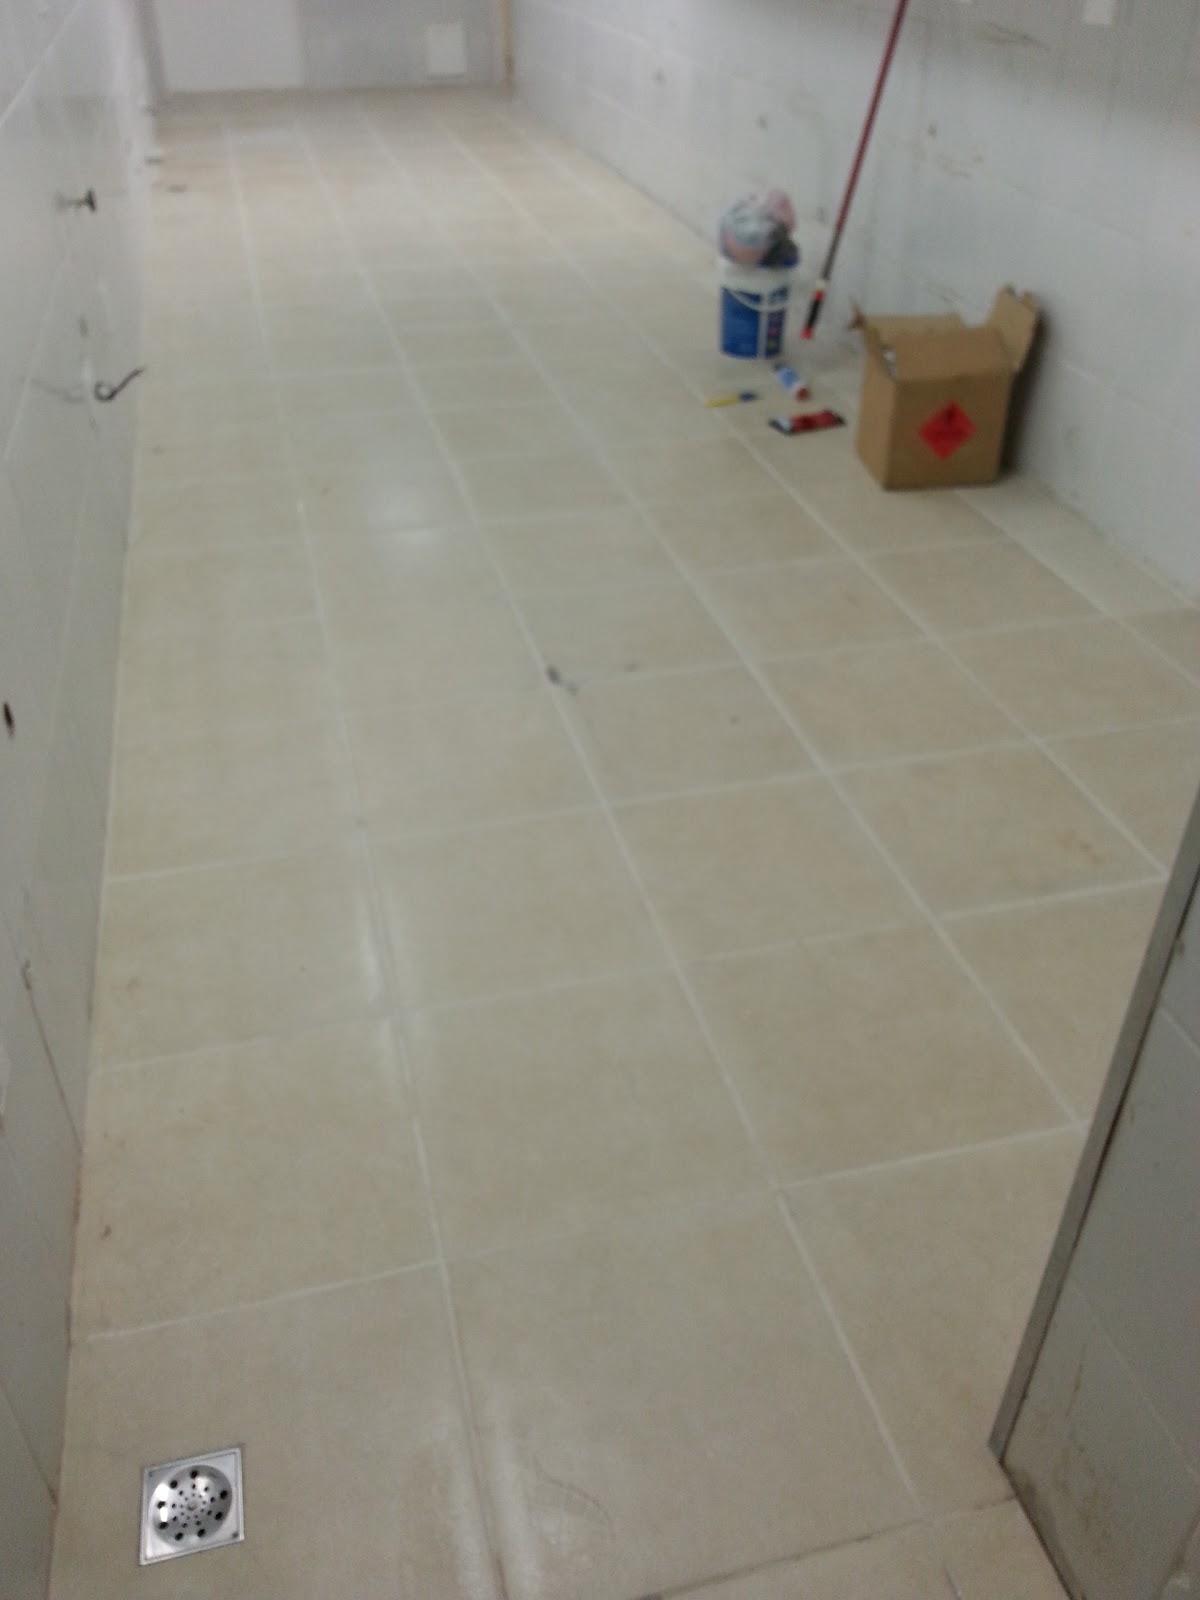 021 980582052 011 986088608 restaura o impermeabiliza o pisos pintura piso porcelanato - Pintura para mosaicos piso ...